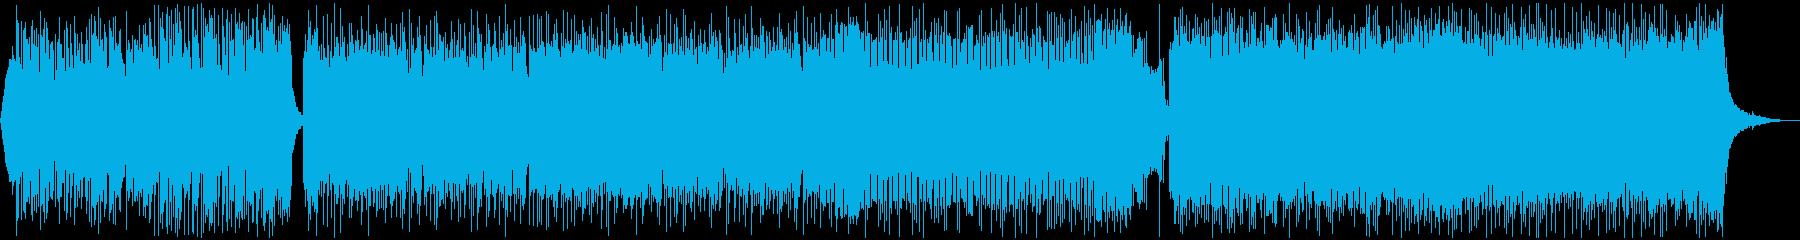 可愛いFuture Bass 声なしの再生済みの波形